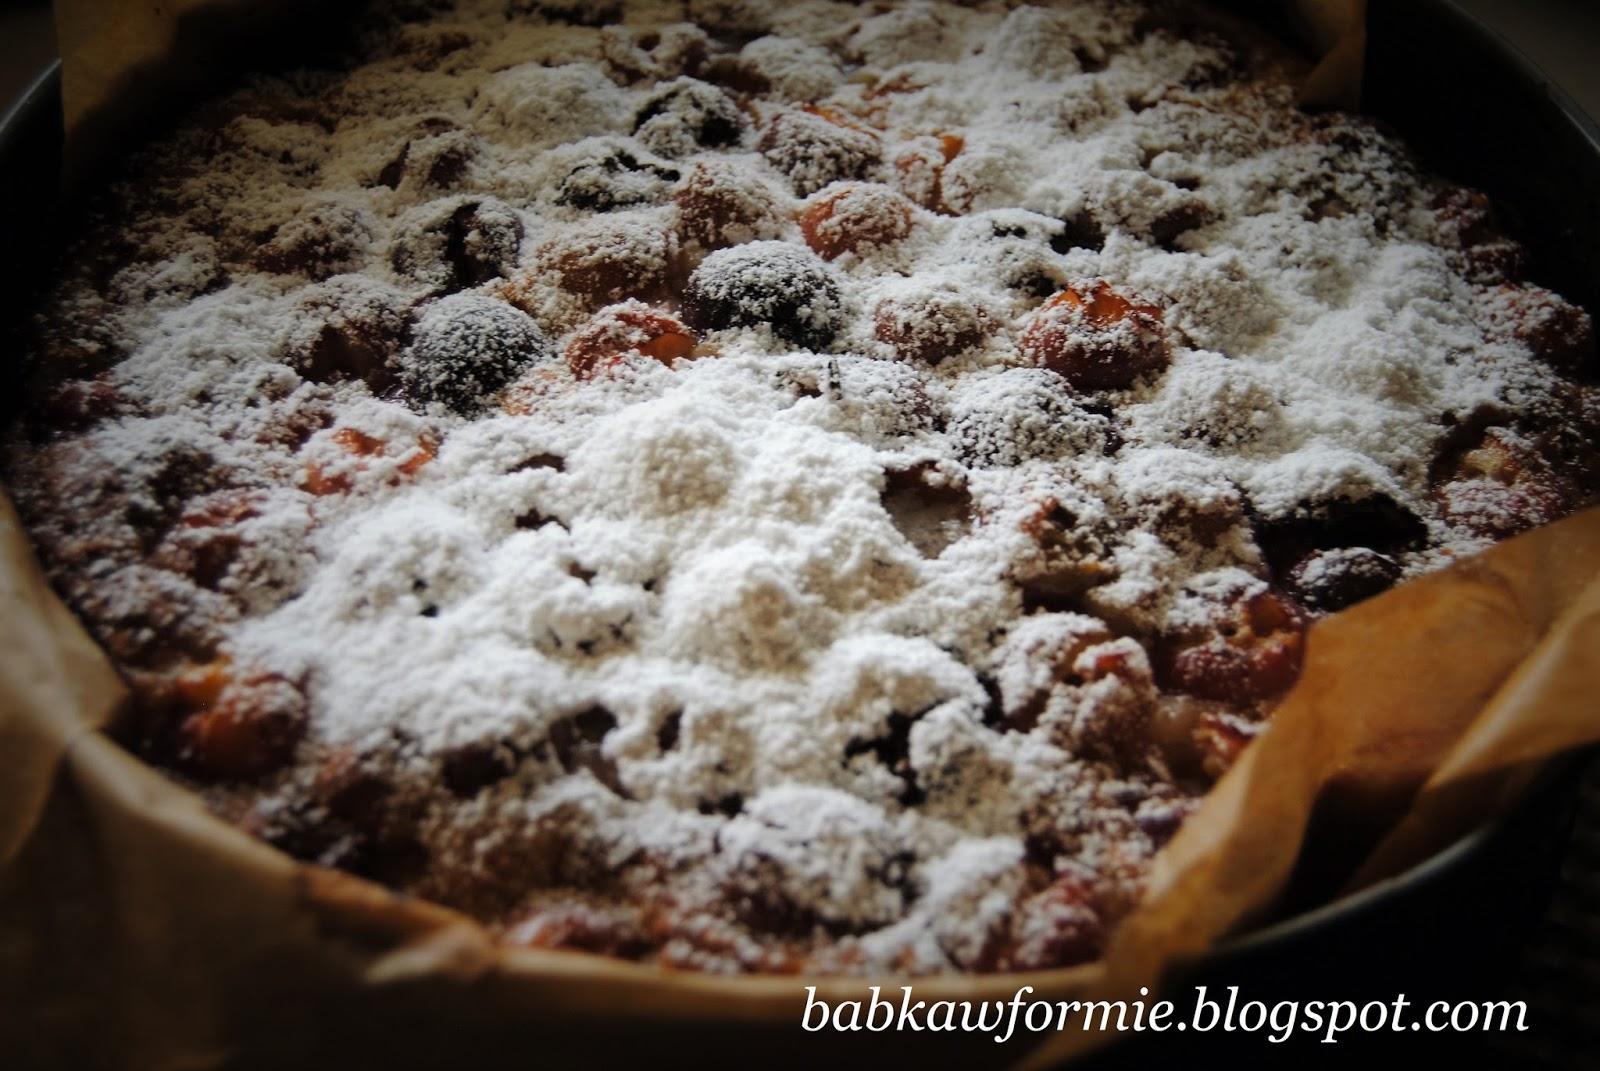 ciasto jogurtowe z czereśniami z owocami babkawformie.blogspot.com